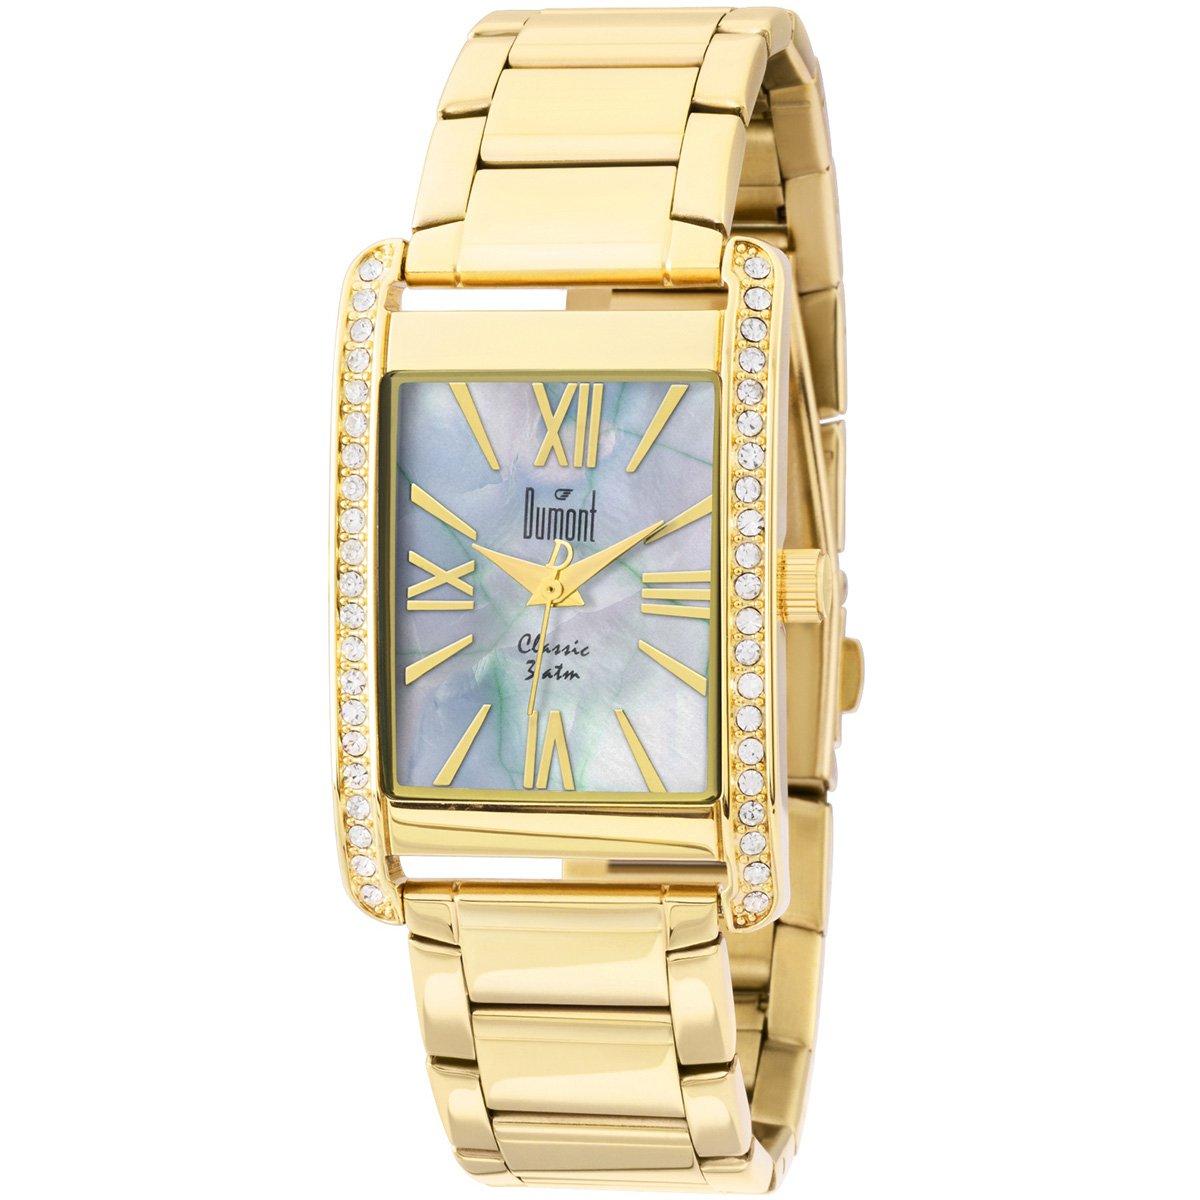 825405adf8b Relógio Dumont Analógico Classic - Compre Agora